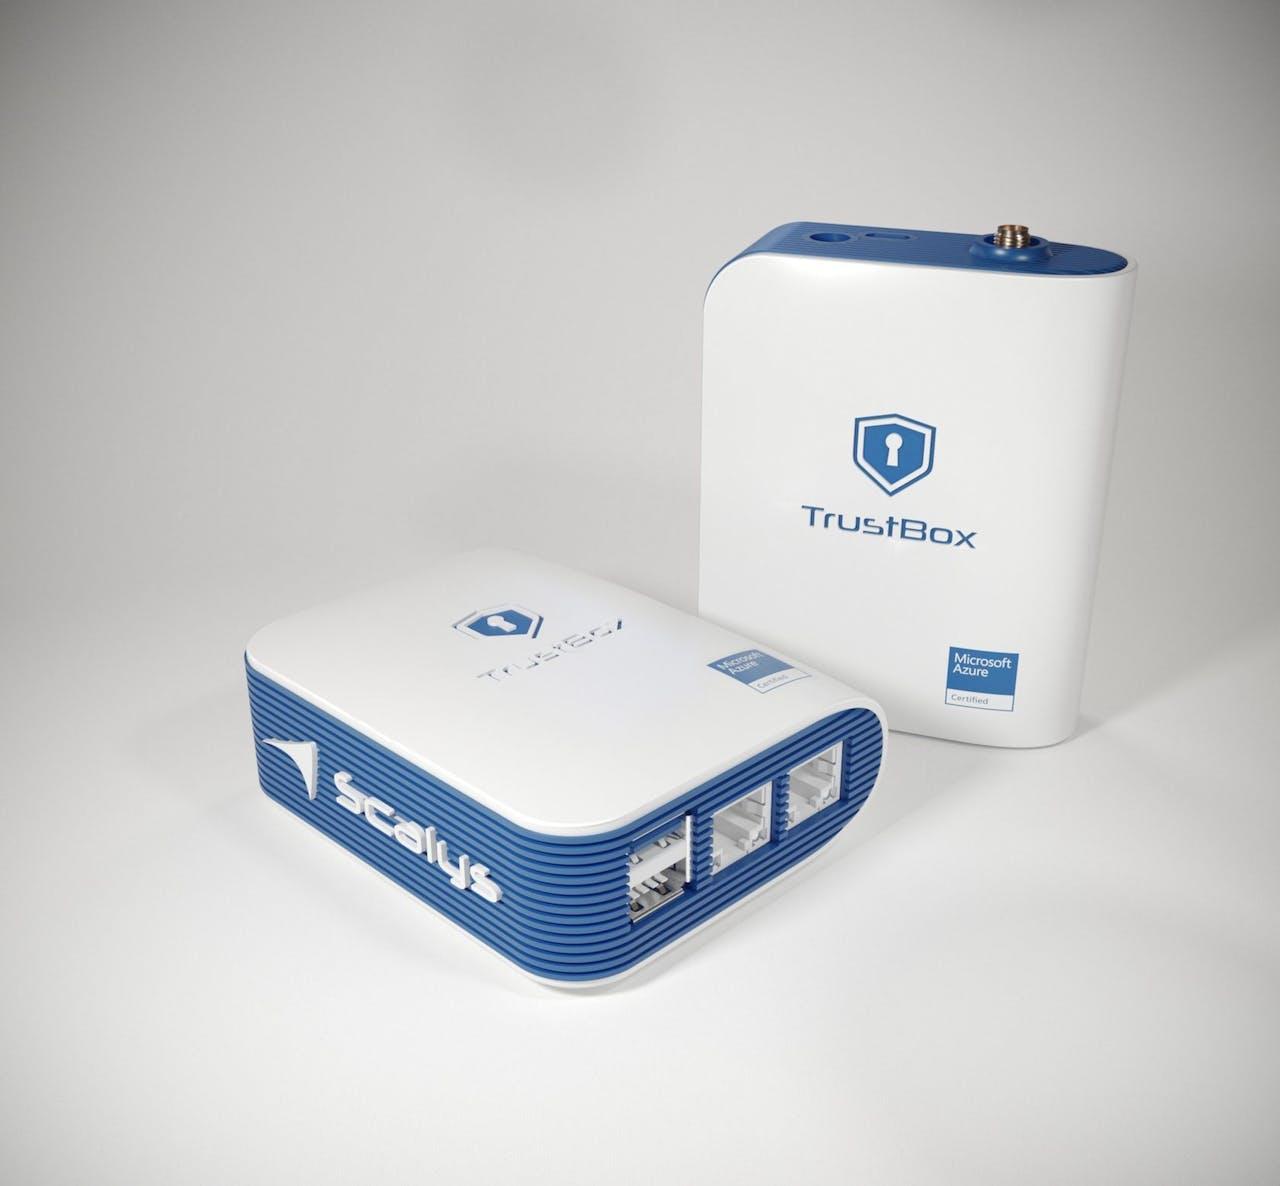 De TrustBox van Scalys viel op de CES in de prijzen